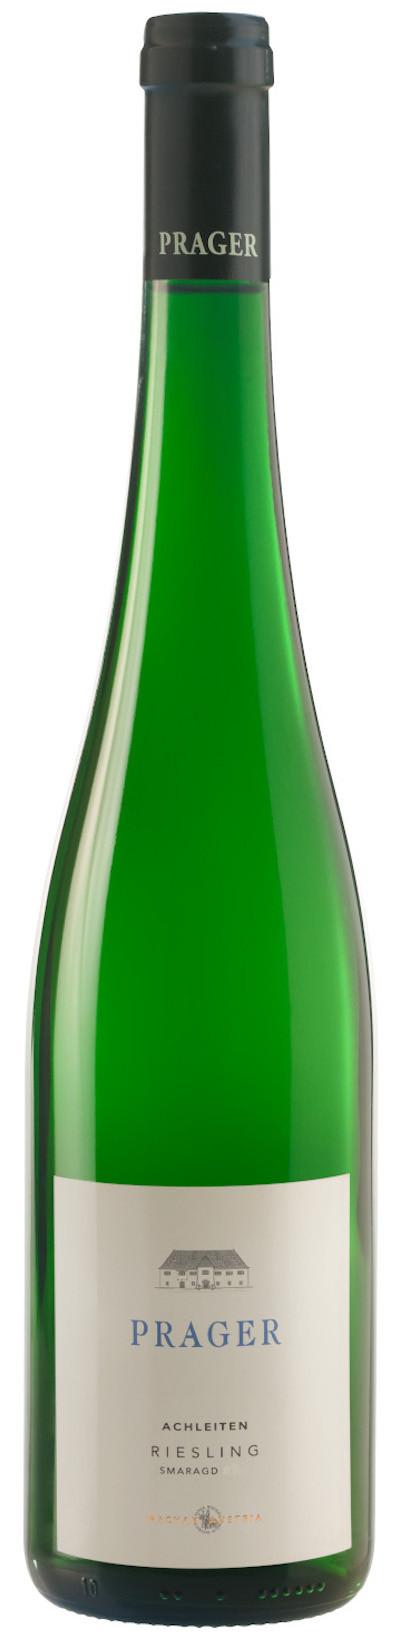 Prager - Riesling Smaragd Achleiten